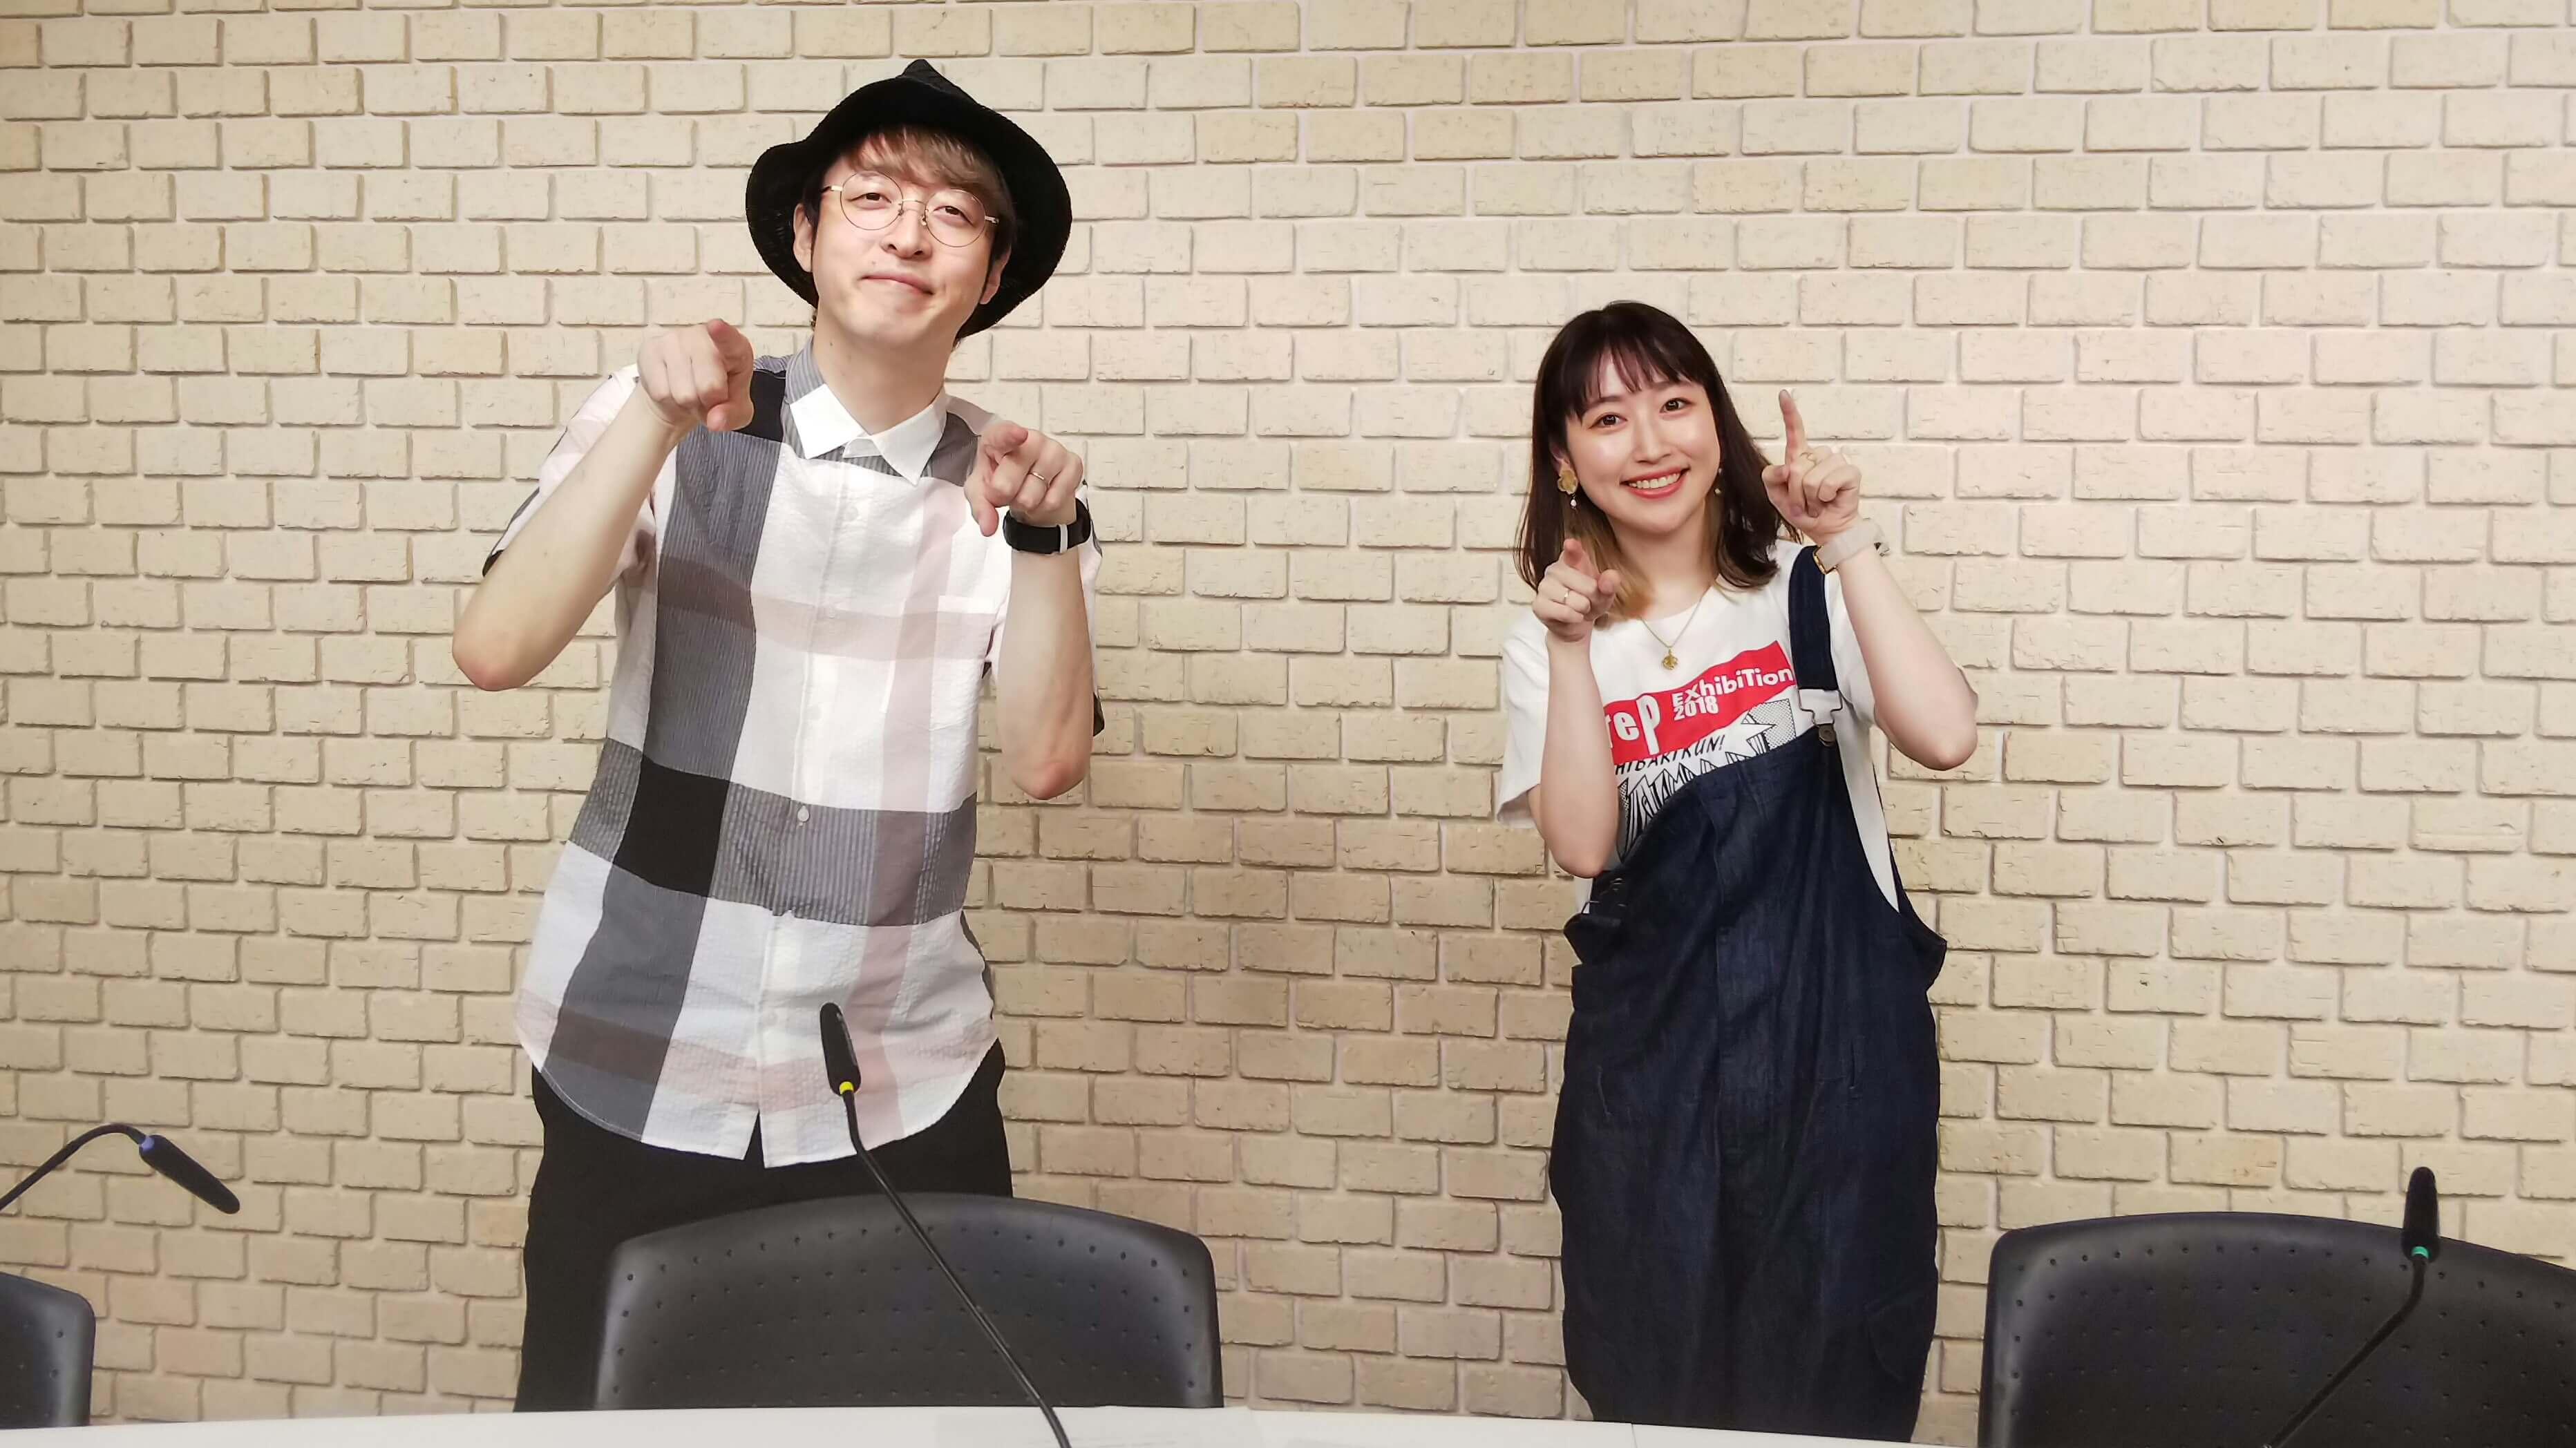 『ヒゲドライバーのヒゲドラジオ!』#5 放送後記